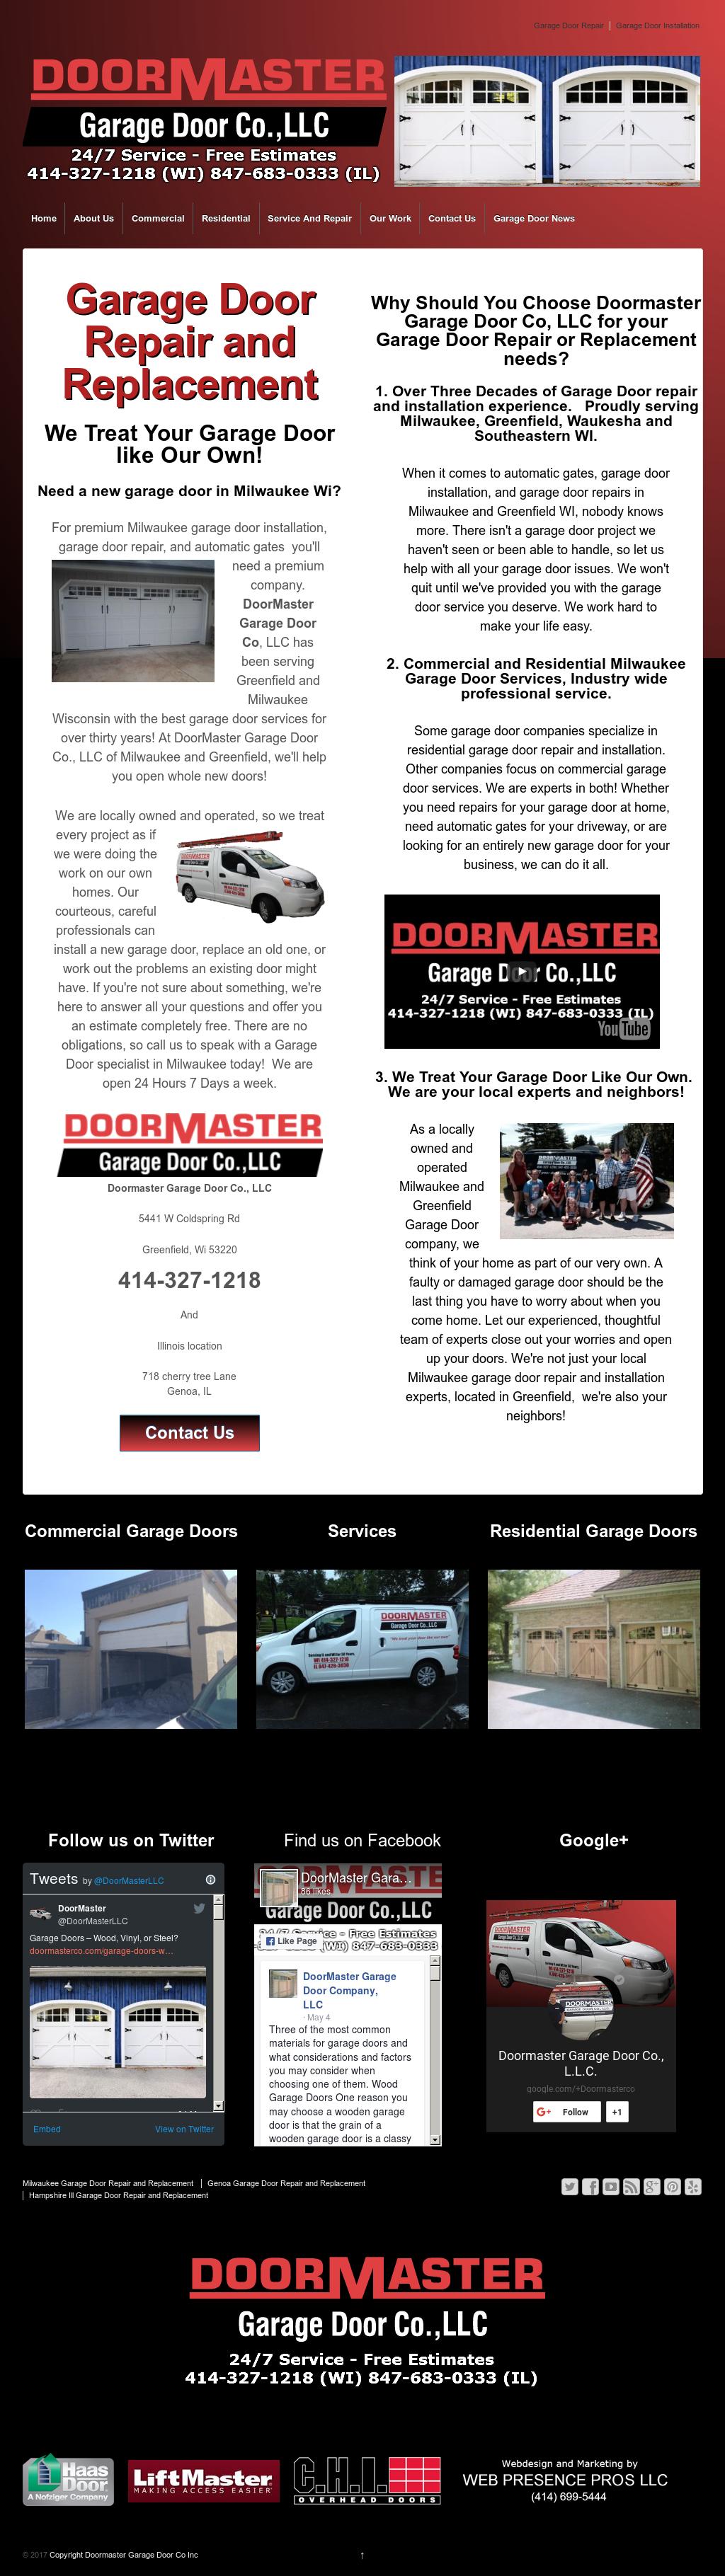 Doormaster Garage Door Company Website History